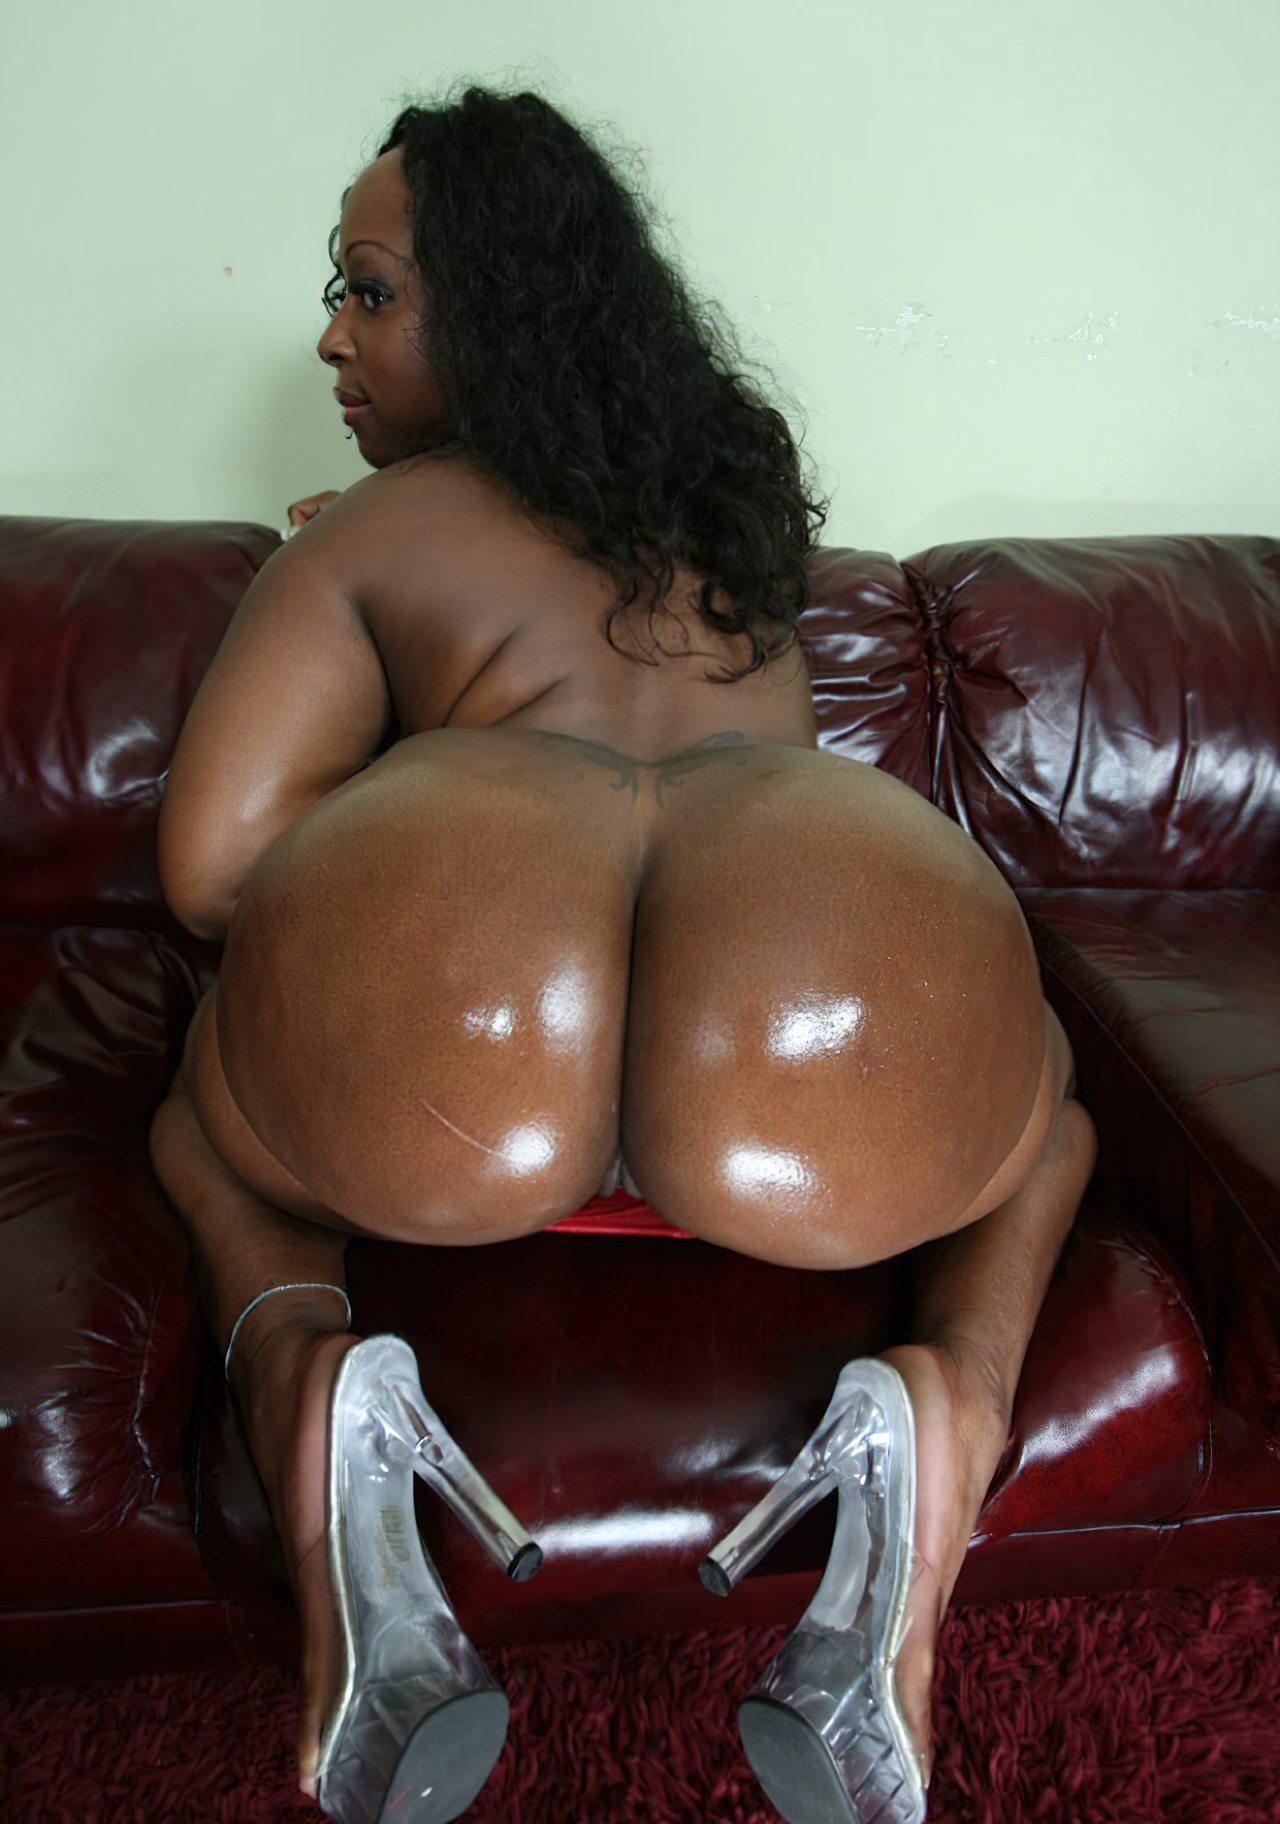 conhecer pessoas novas mulheres negras nuas